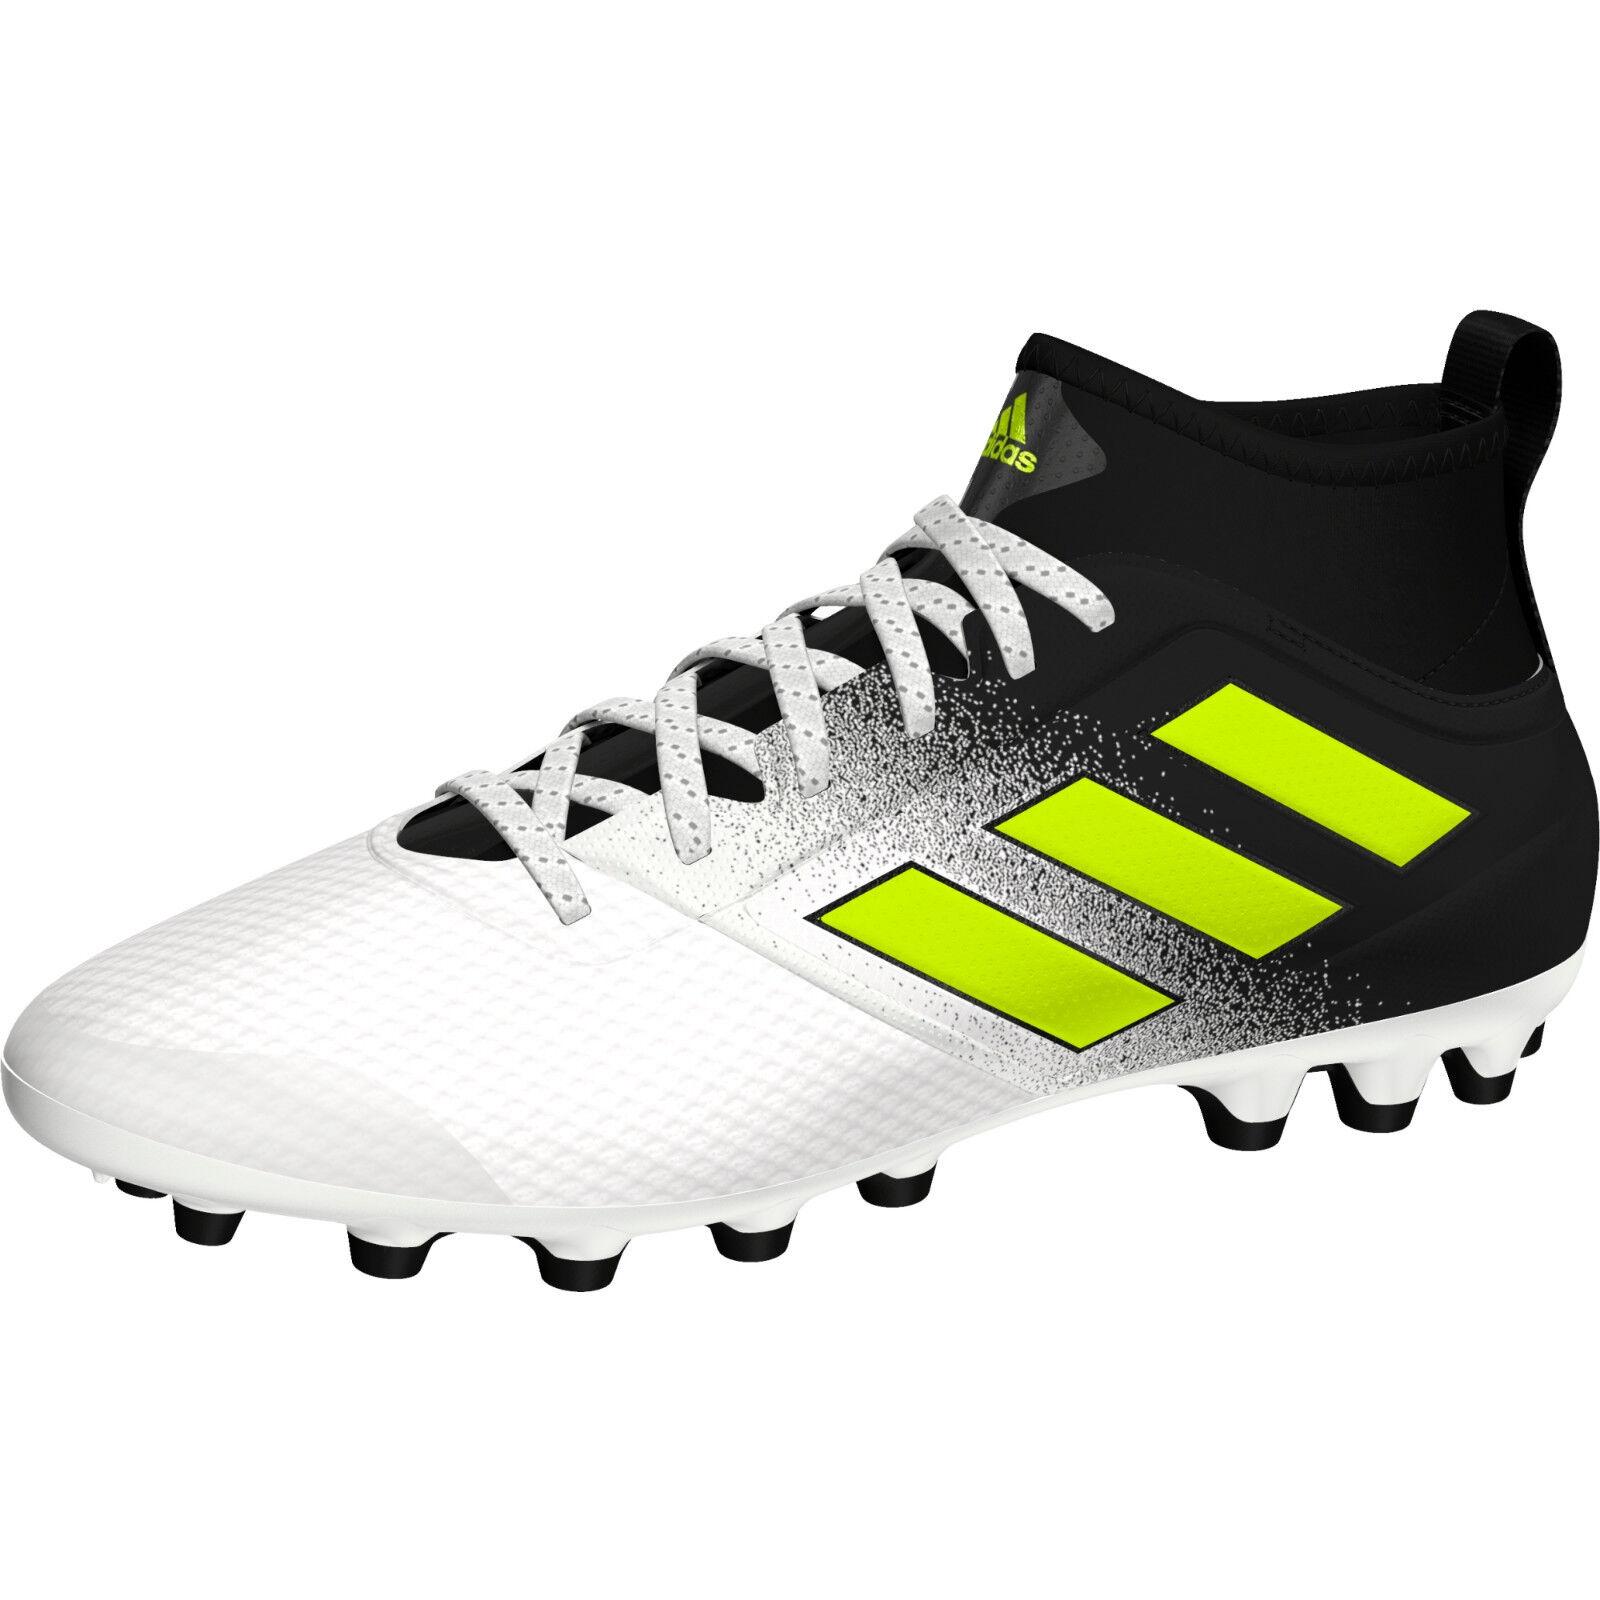 Adidas ACE 17.3 AG S77062 sautopa CALCIO CALCETTO Col. Bianco\Nero nuovo